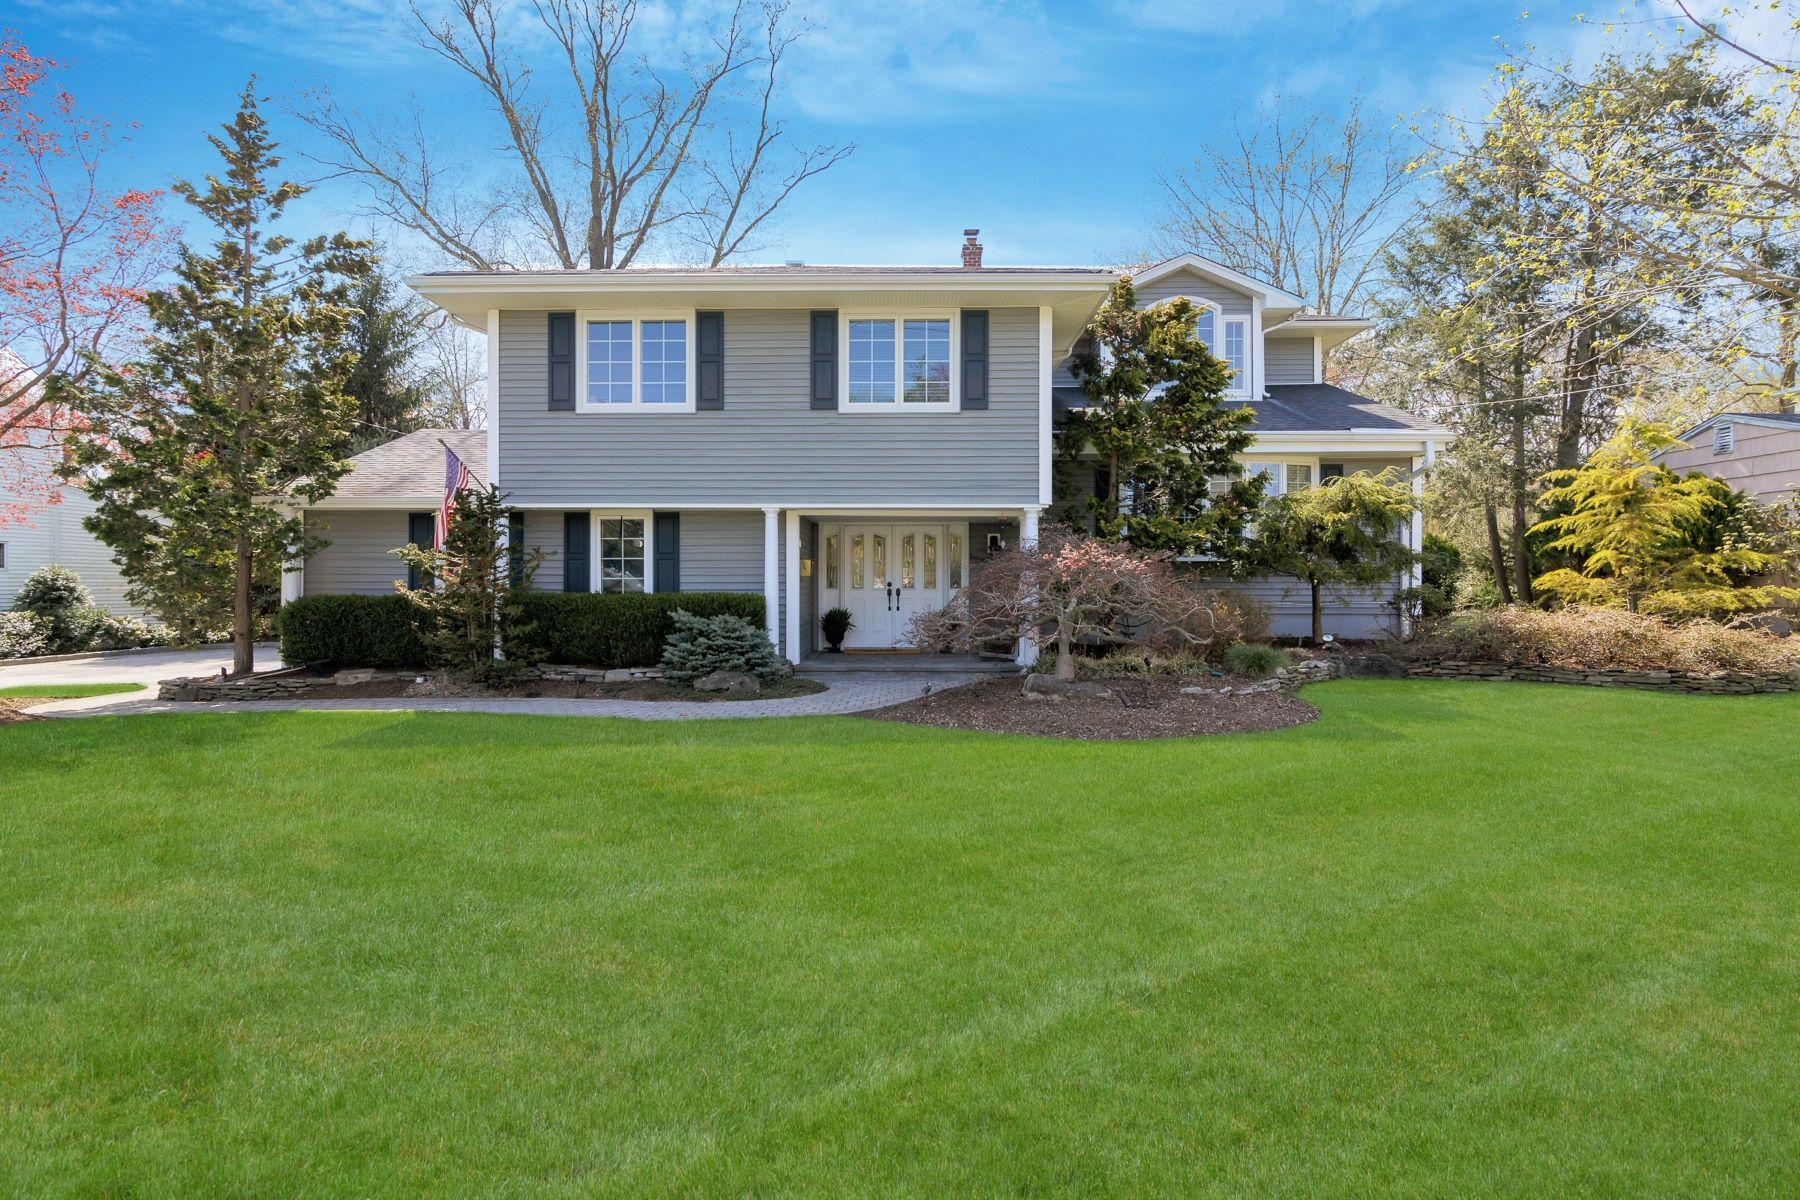 Maison unifamiliale pour l Vente à Updated & Expanded 208 Brook St, Harrington Park, New Jersey 07640 États-Unis